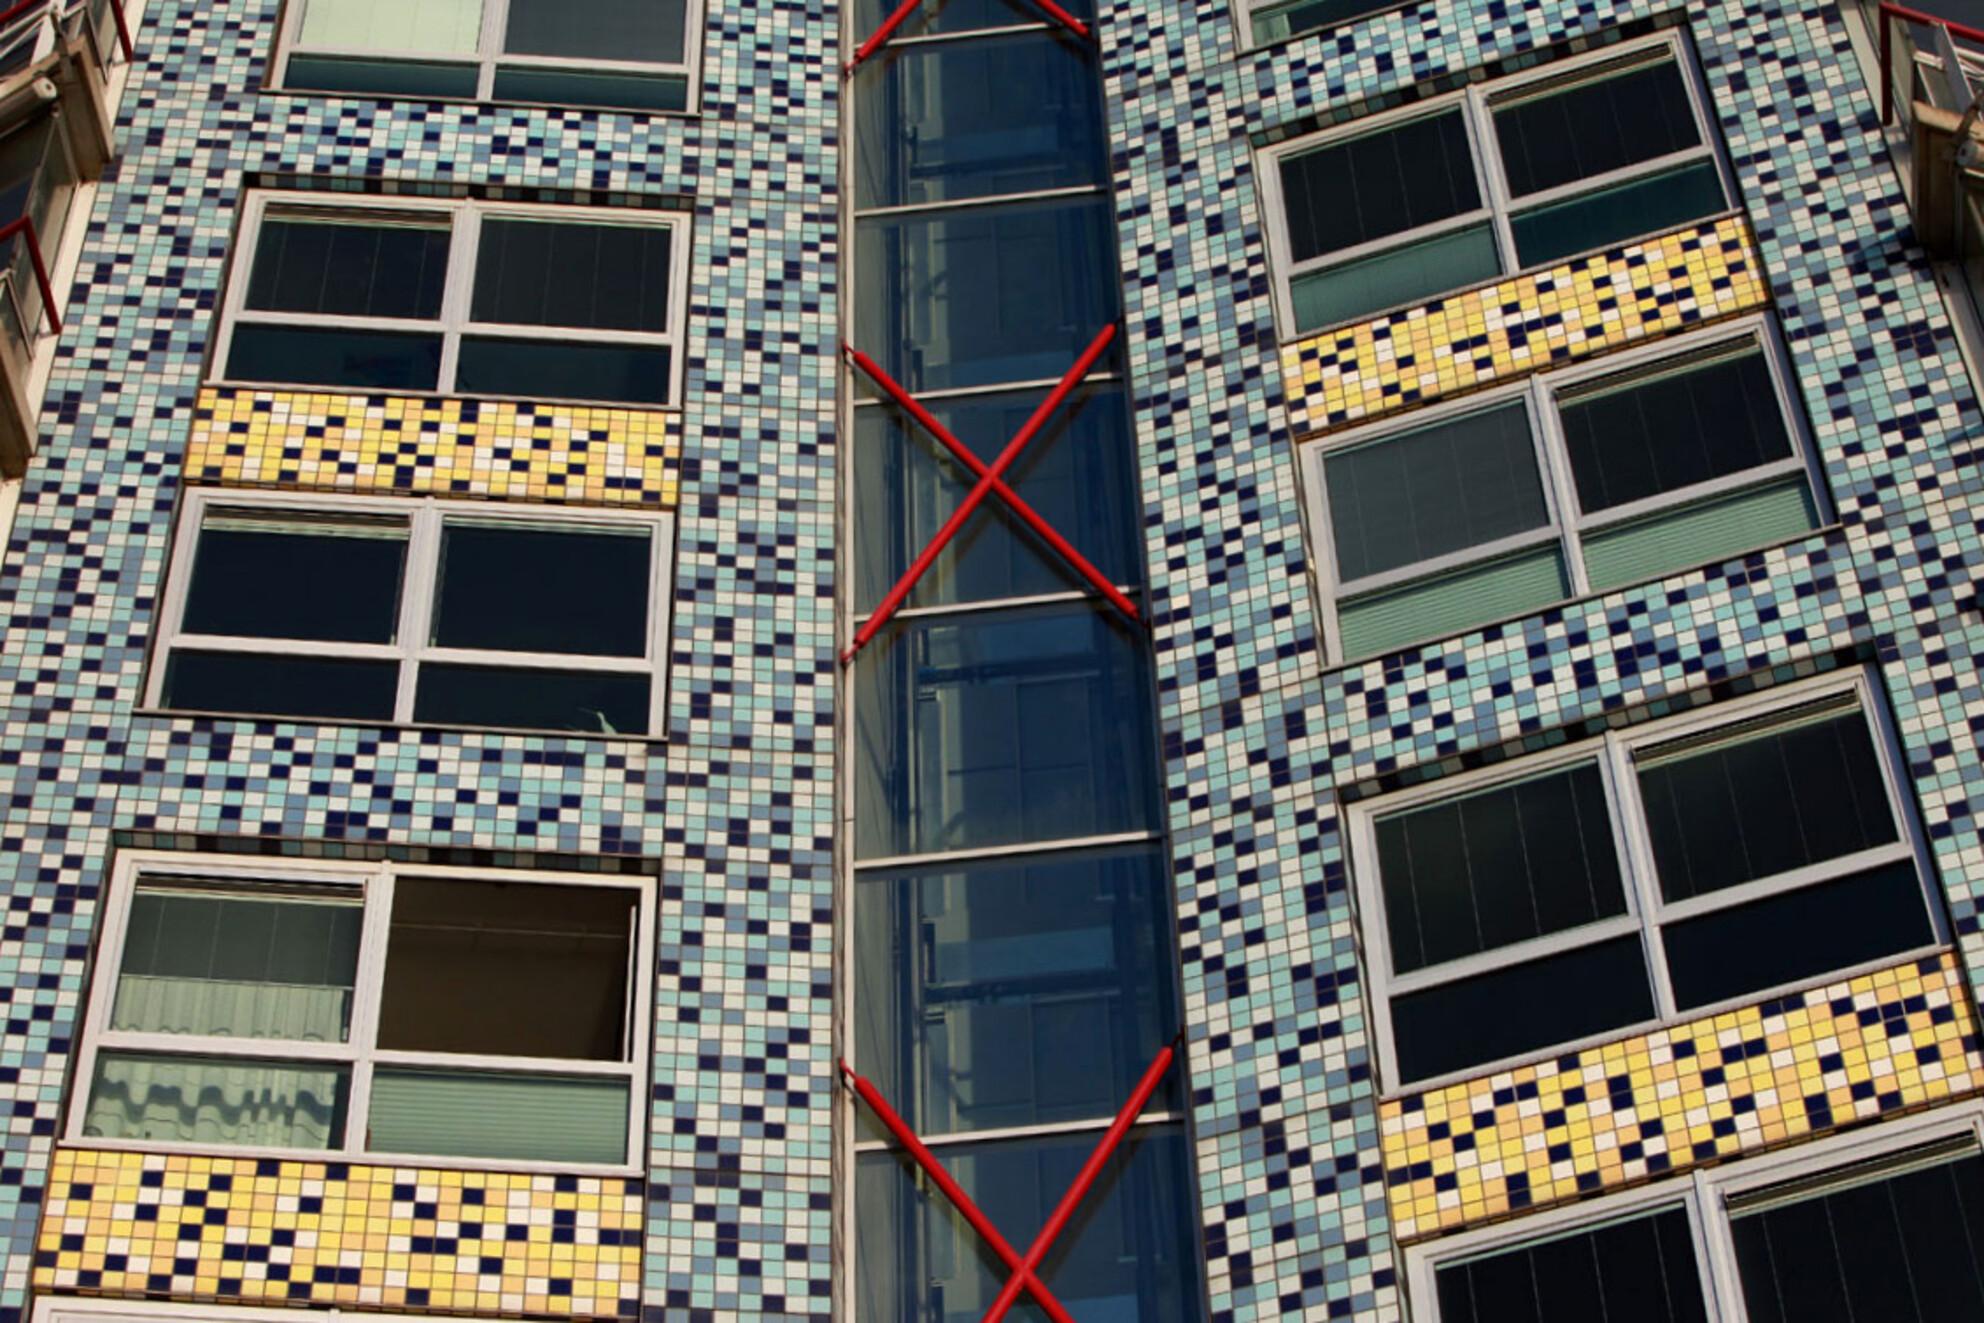 Vlissingen - De voorgevel van deze flat is niet recht beide kanten lopen schuin naar binnen, best moeilijk voor een goede foto maar toch leuk om te laten zien.  - foto door cibjen op 11-02-2014